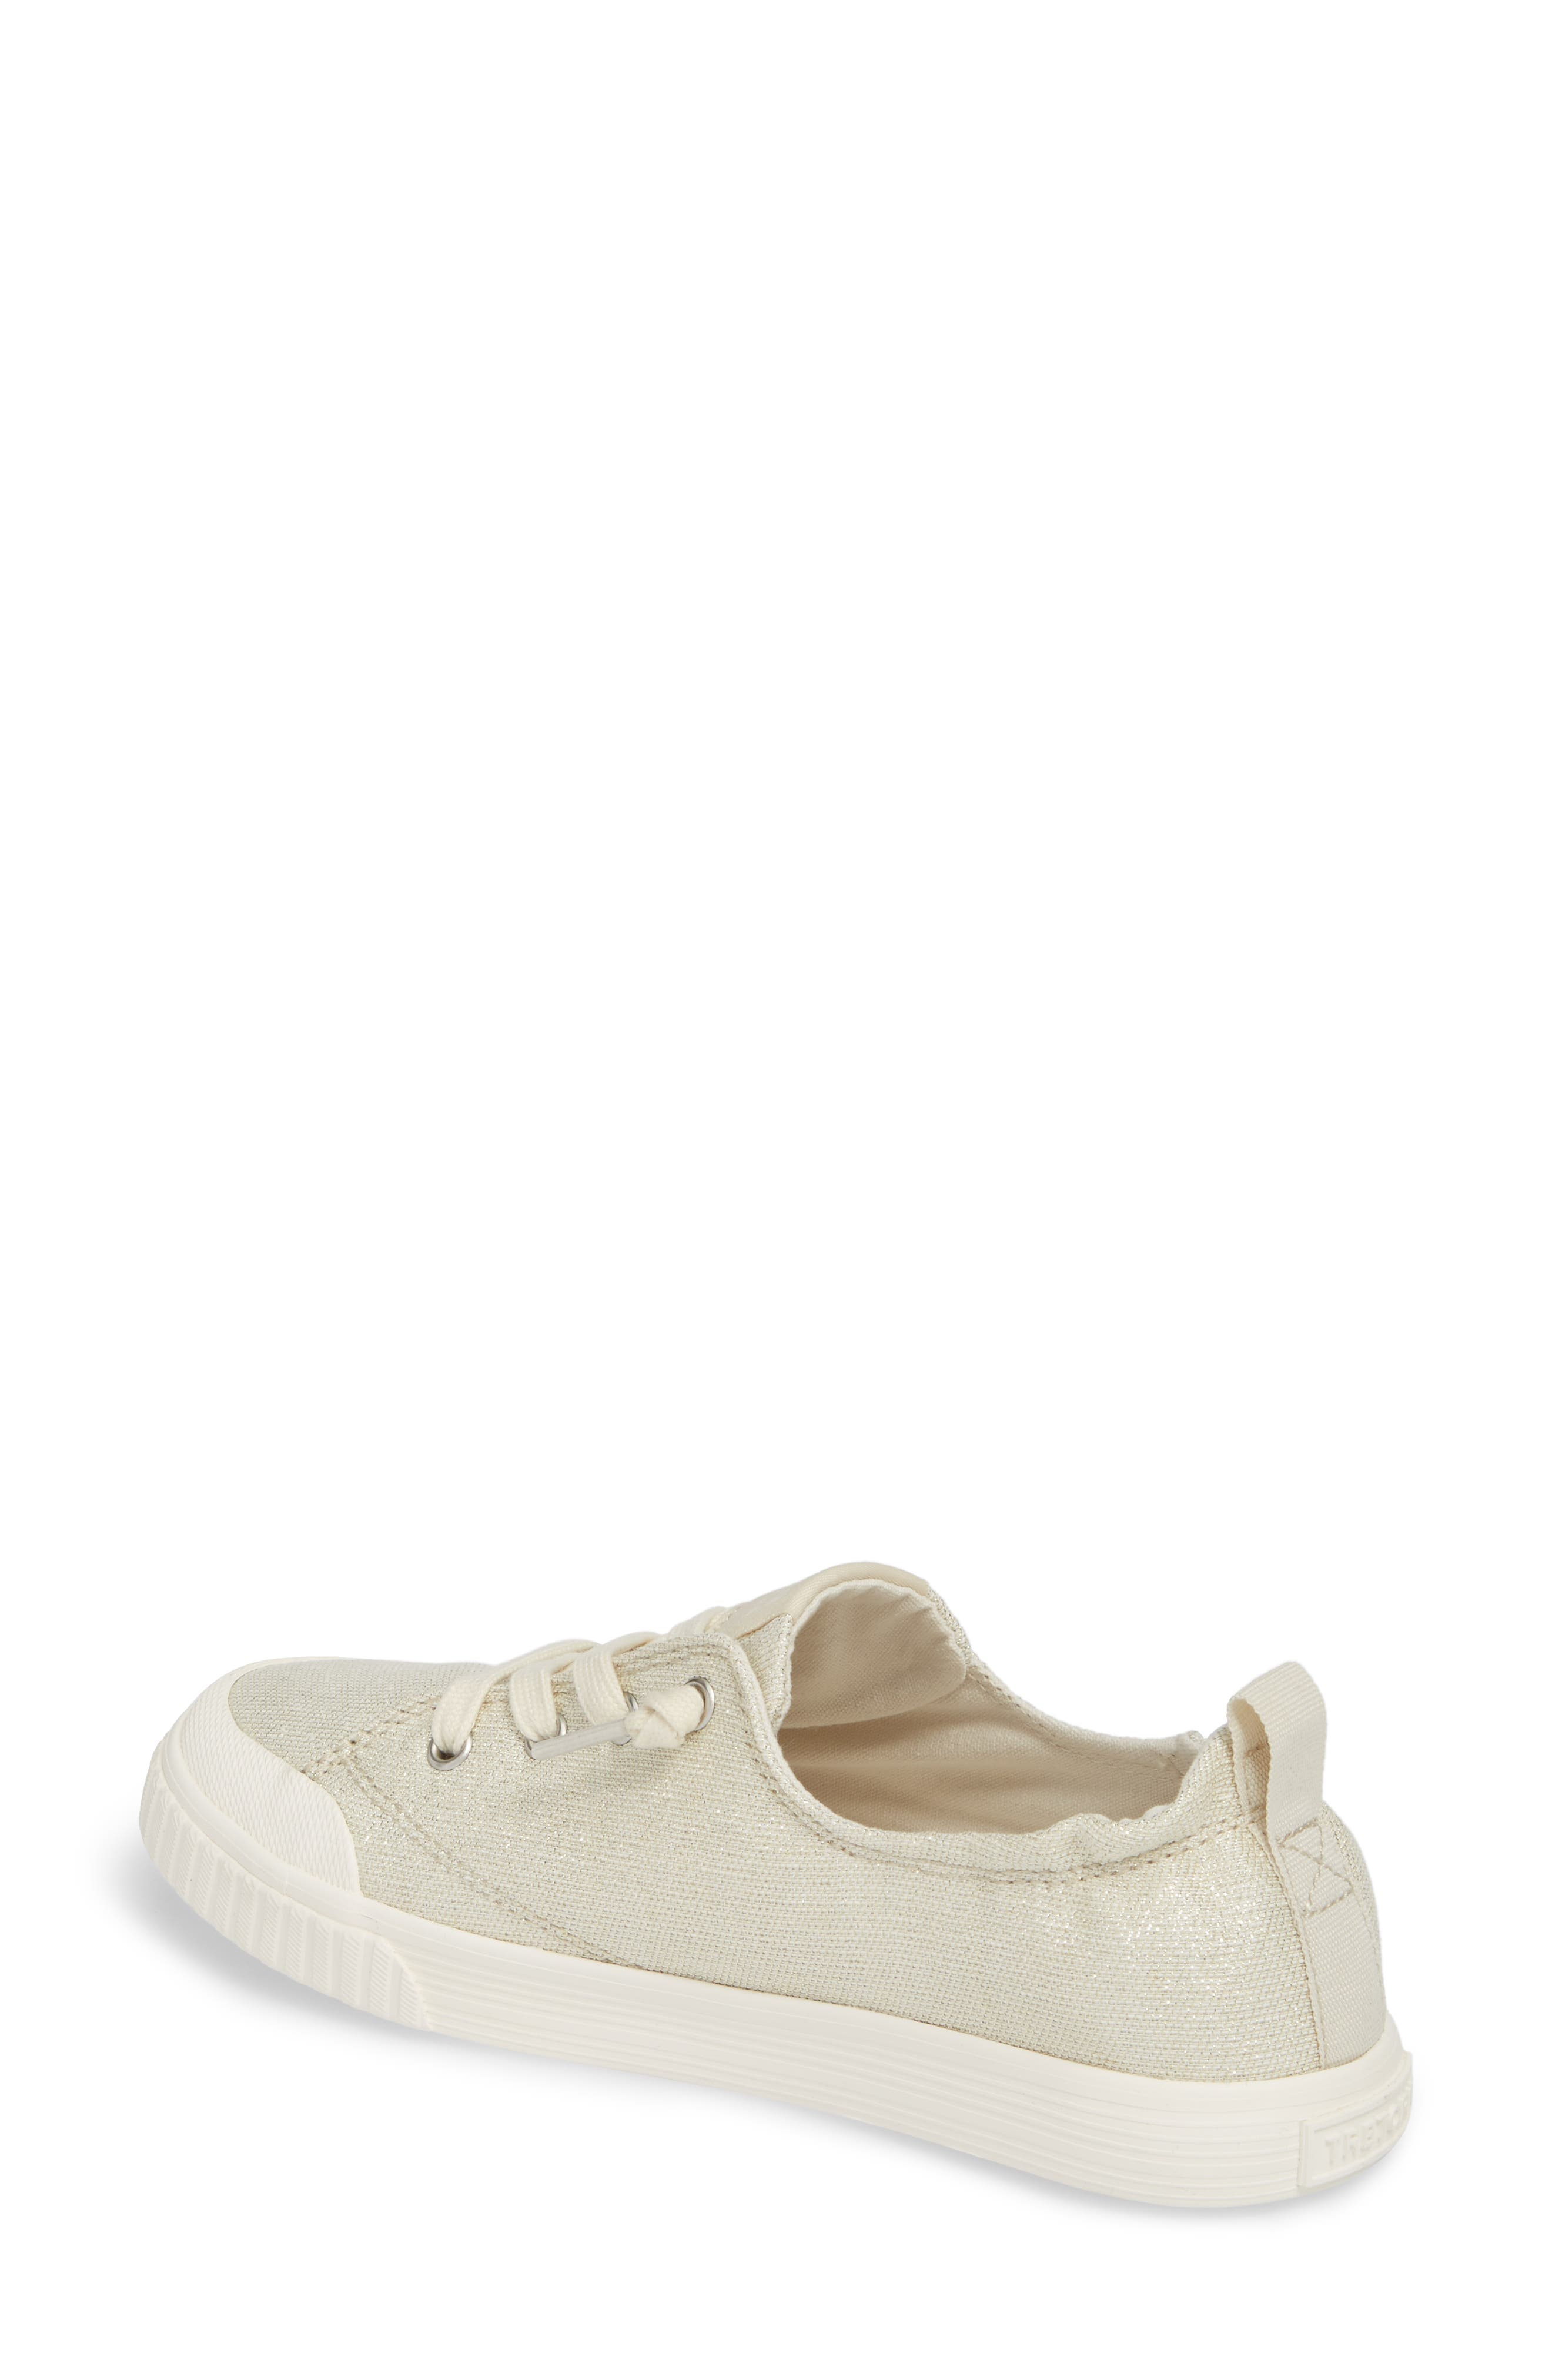 Meg Slip-On Sneaker,                             Alternate thumbnail 2, color,                             042